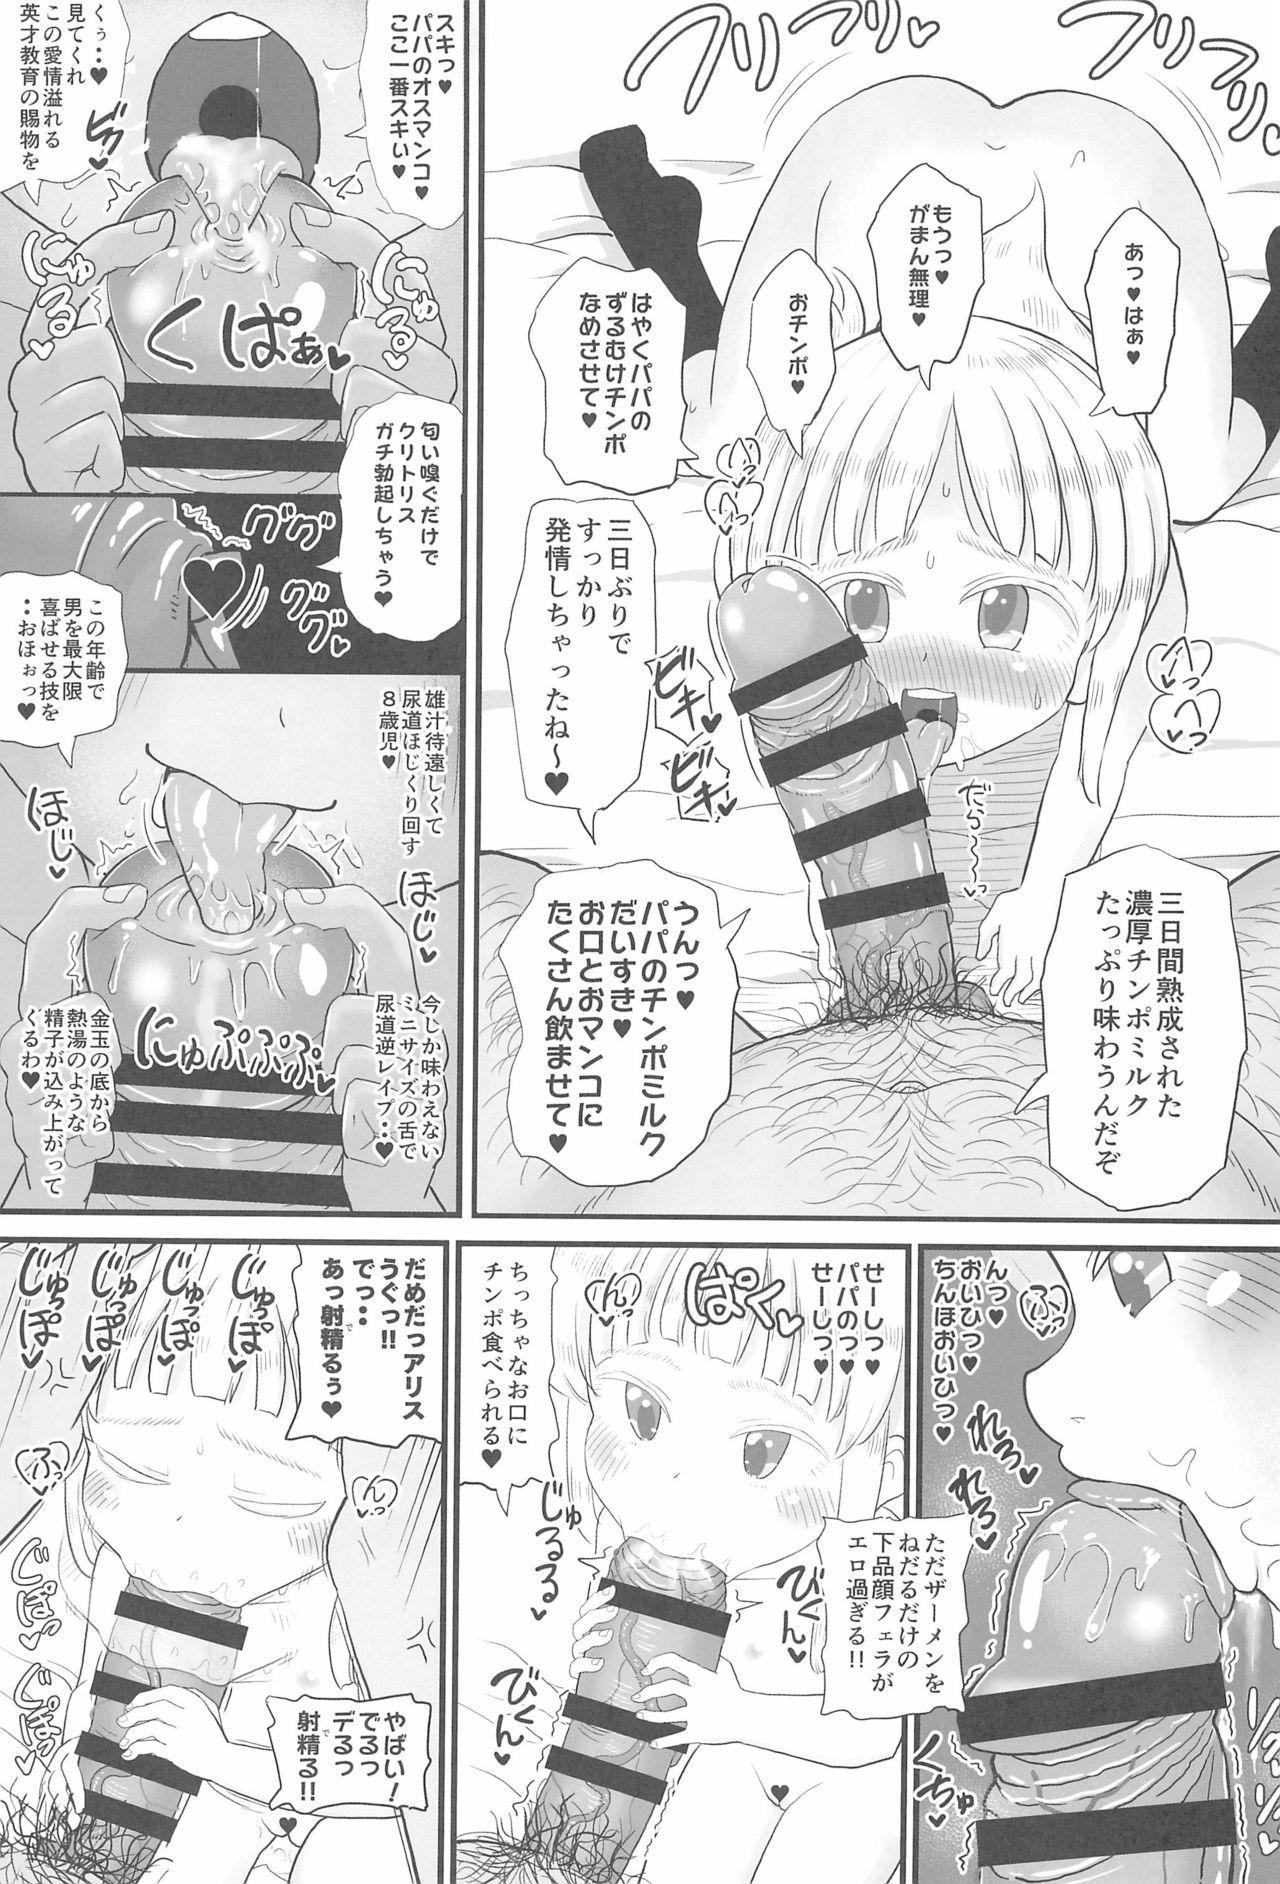 (C97) [botibotiikoka (takku)] Manamusume no Arisu-chan (8yo) ga Rippa na Chinpo-case ni Sodachimashita 12